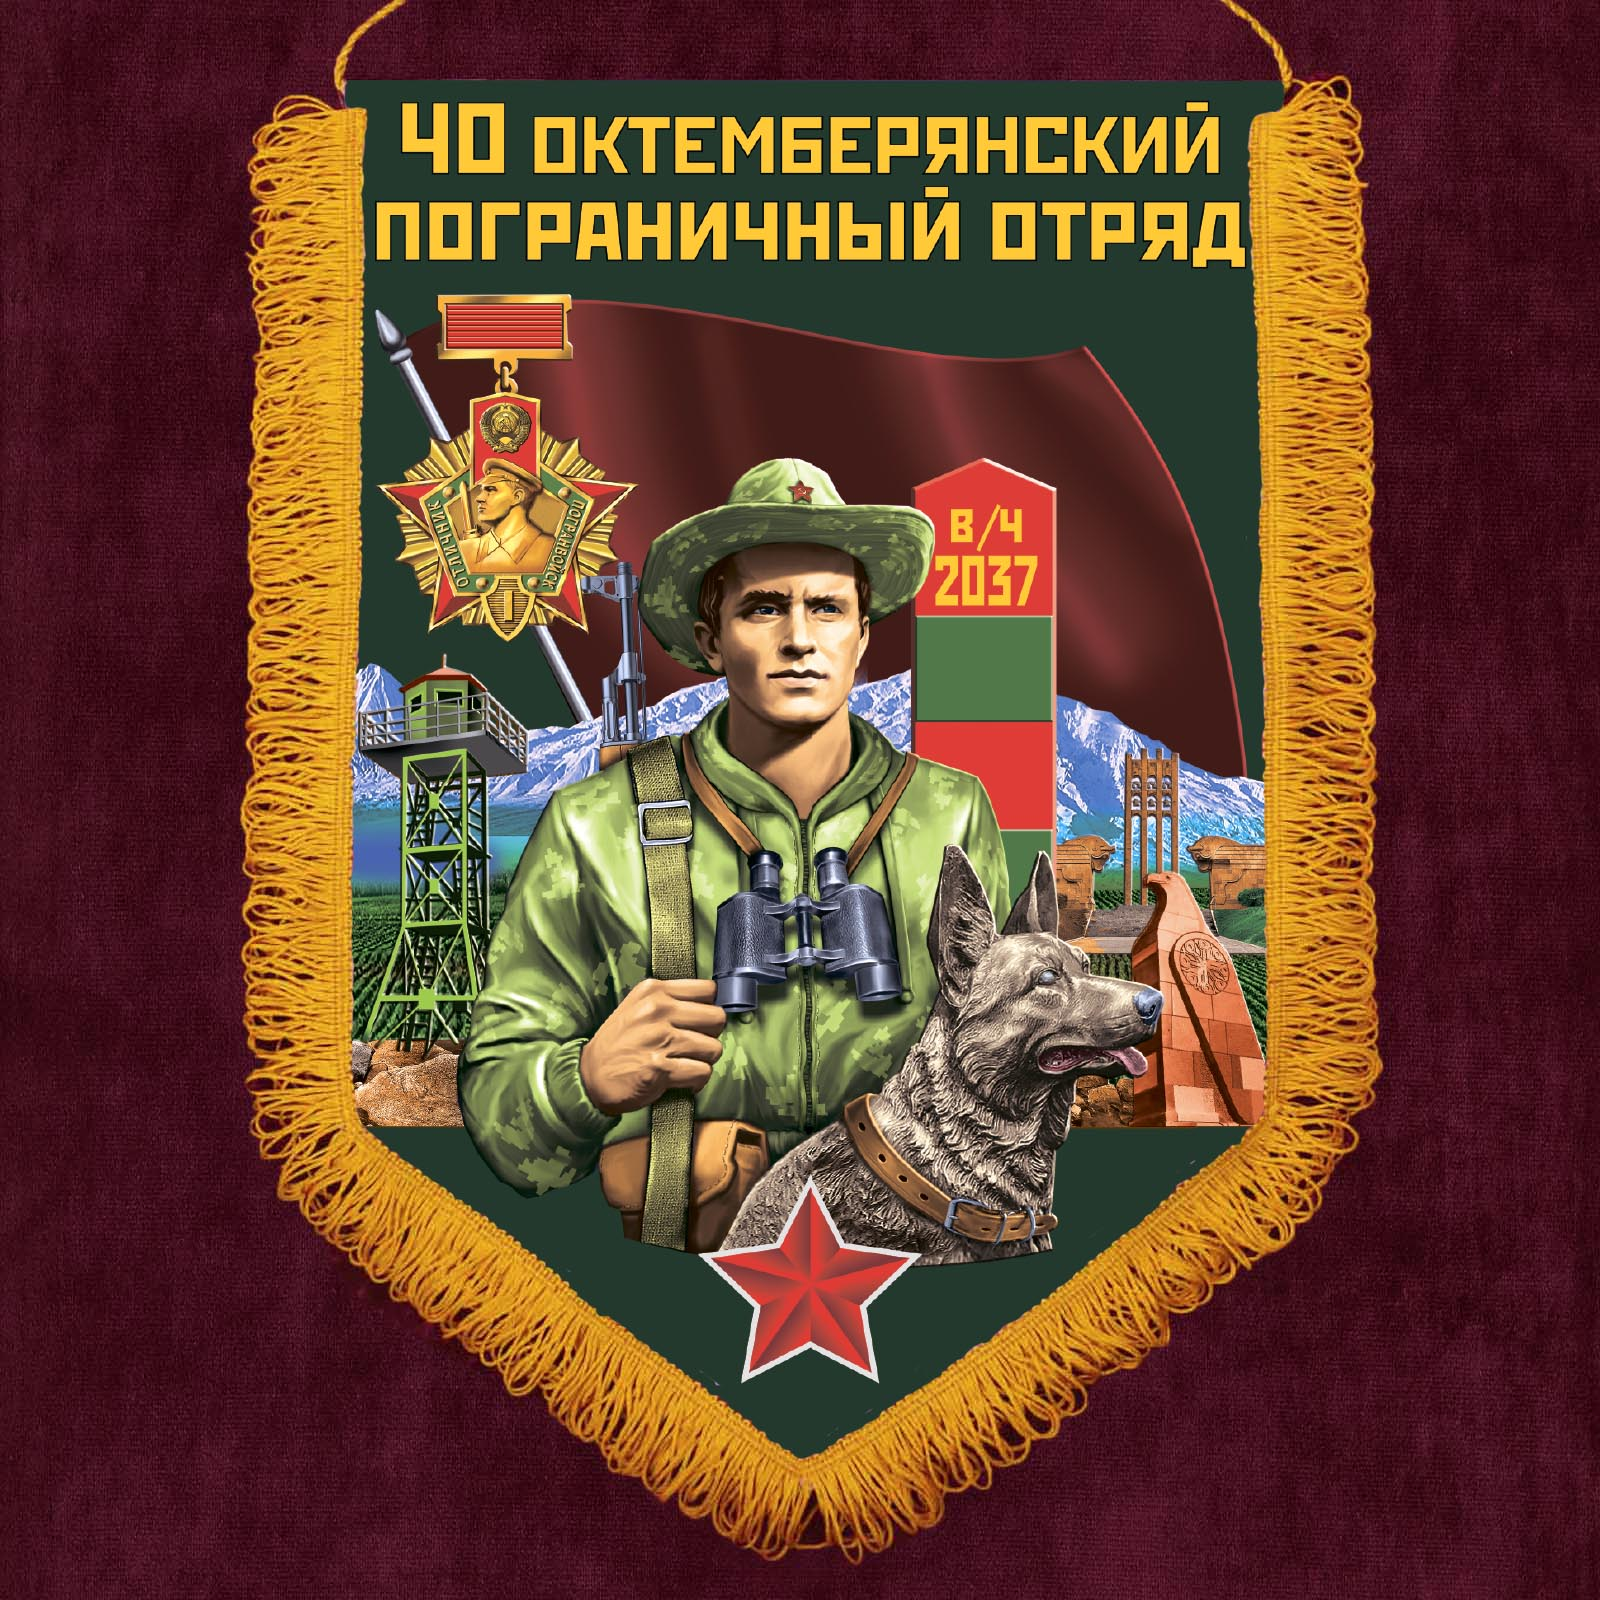 Пограничный вымпел Октемберянского ПогО